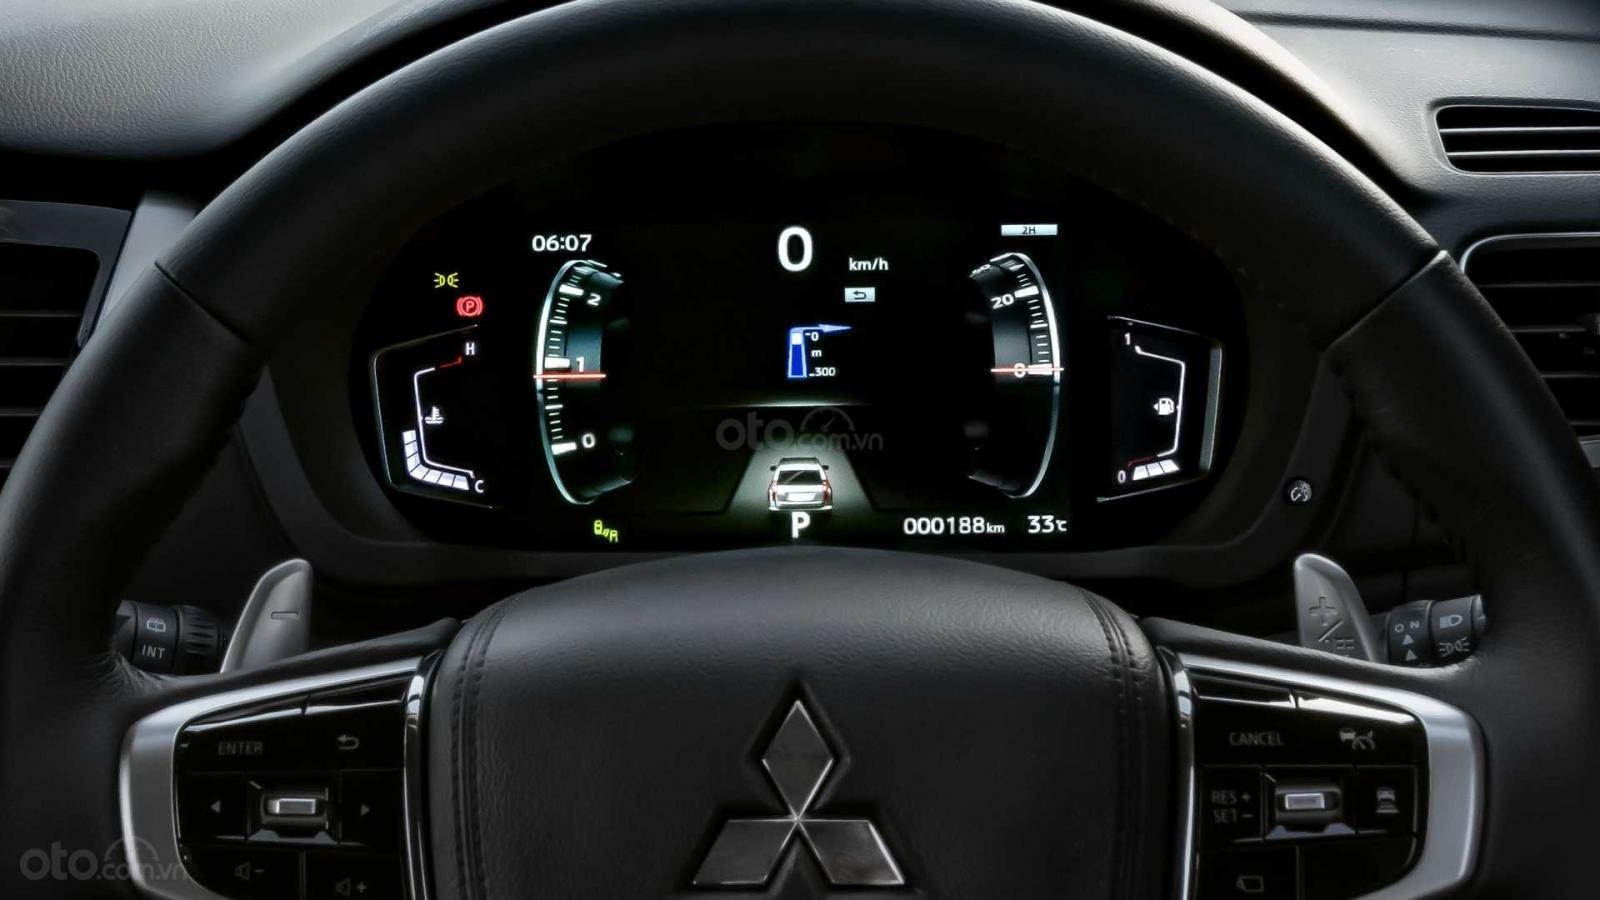 Nhìn nhanh điểm mới của Mitsubishi Pajero Sport 2020 so với bản cũ qua ảnh a23